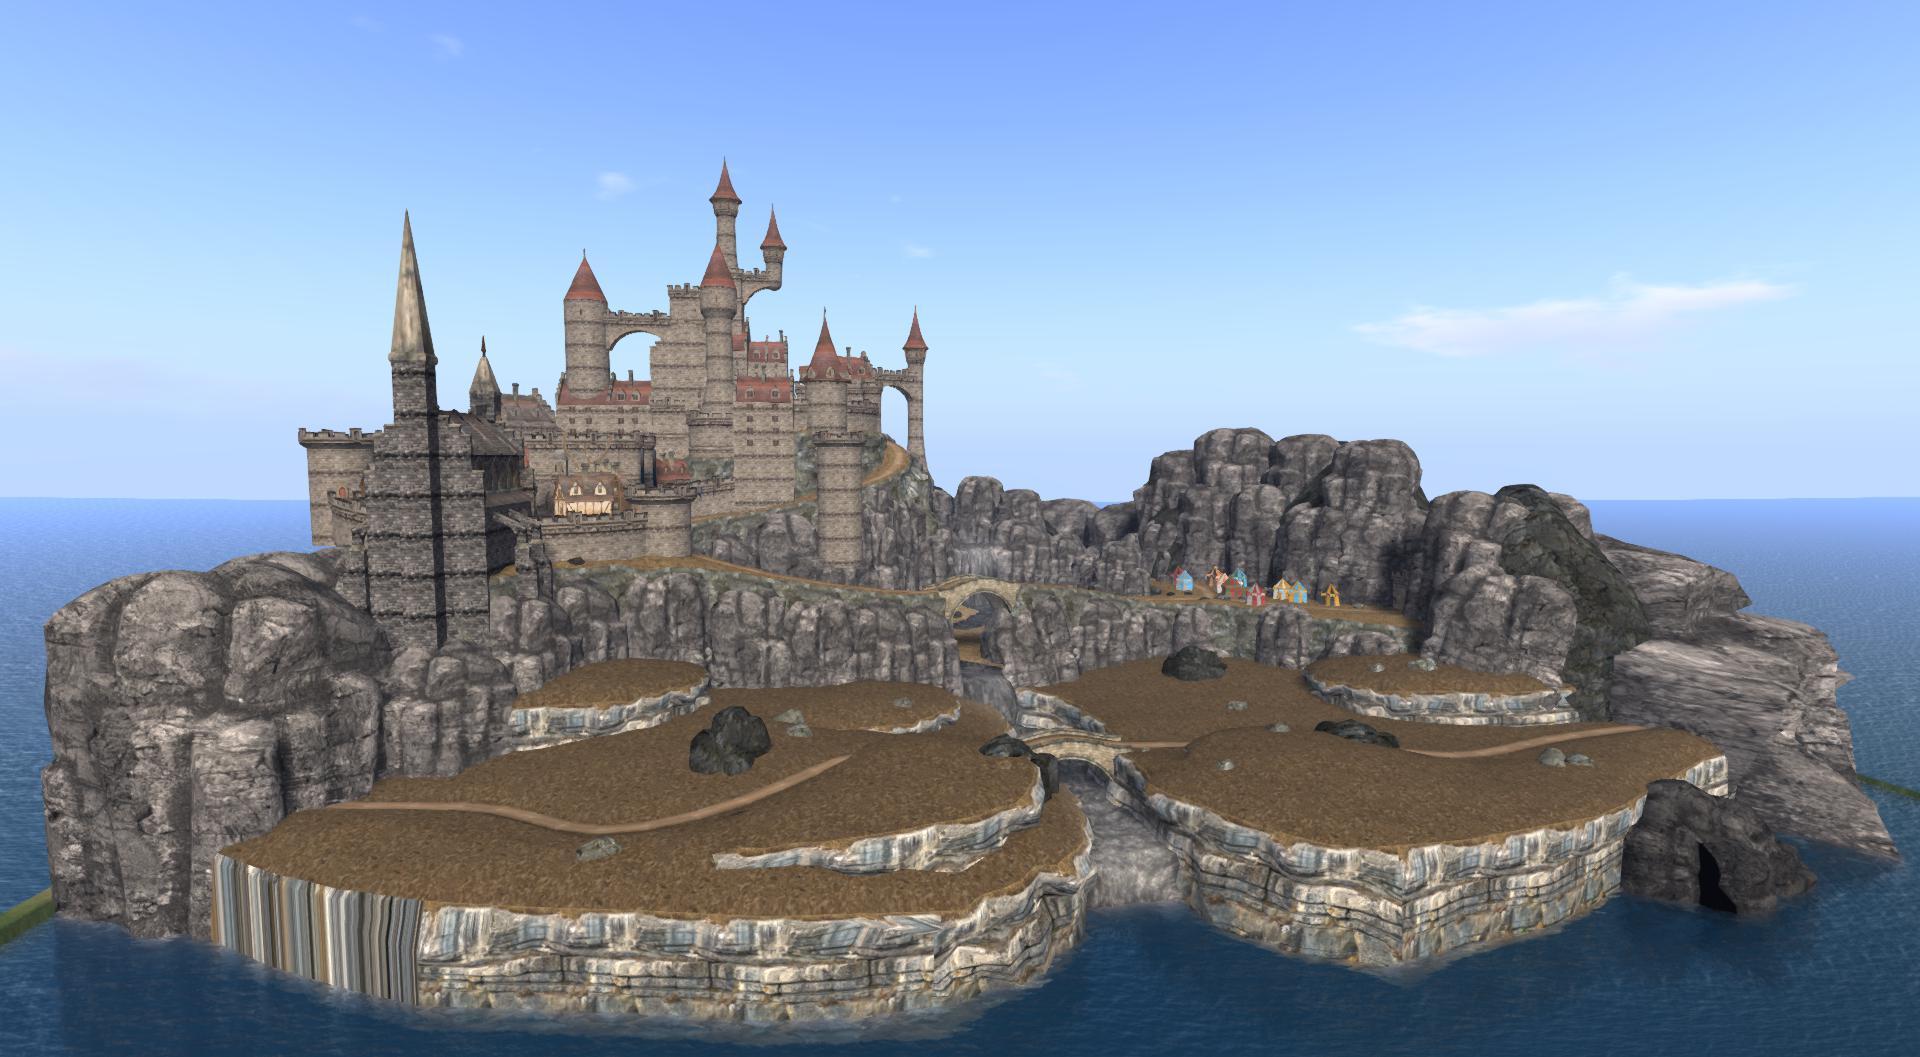 OpenSim OAR – Epic Castle | Austin Tate's Blog